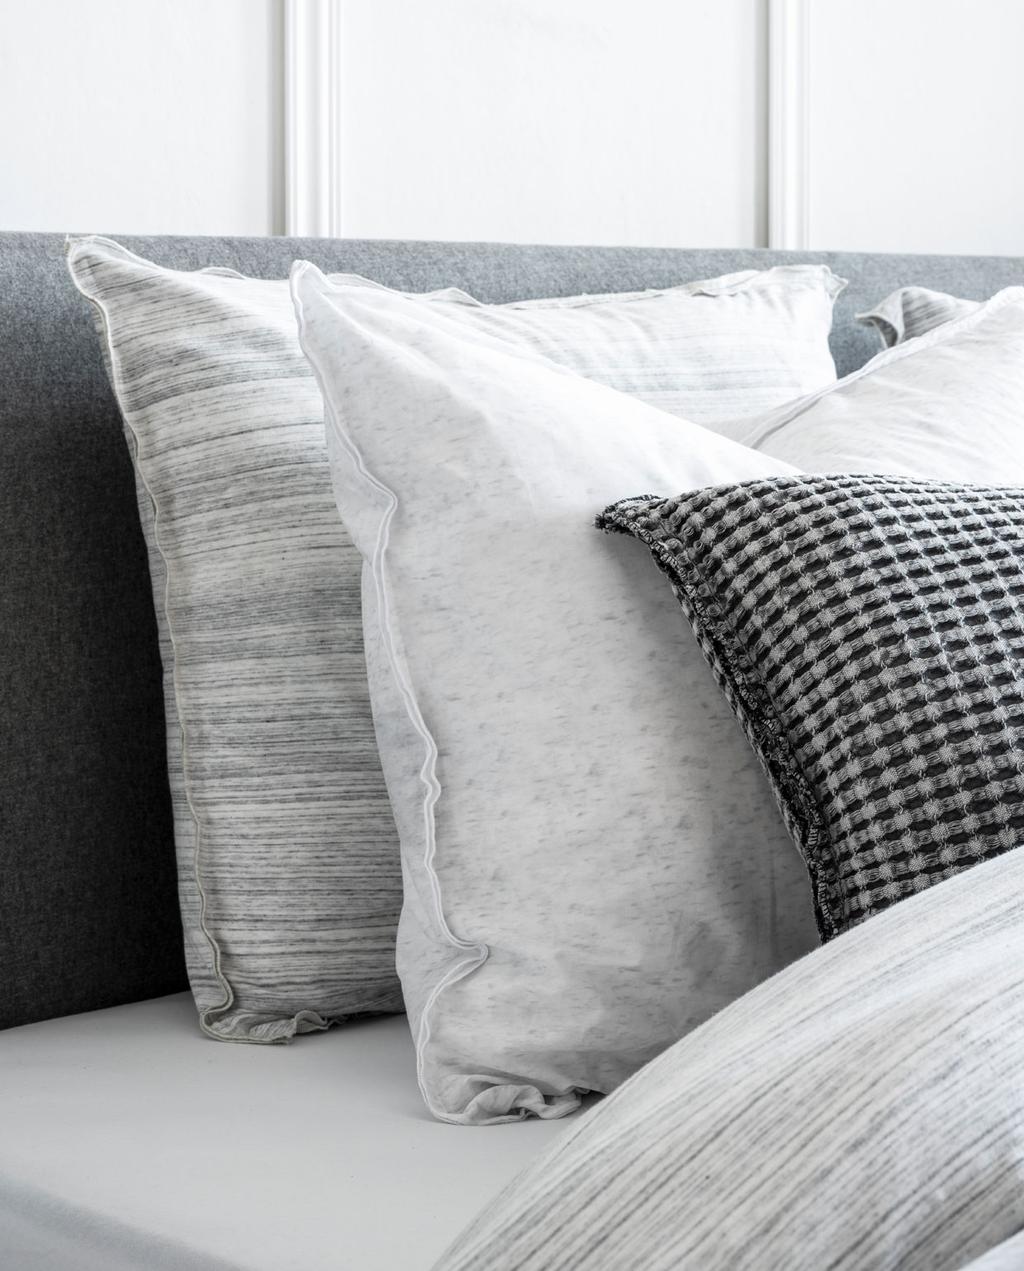 vtwonen-SwissSense-hotelchic-slaapkamer-4